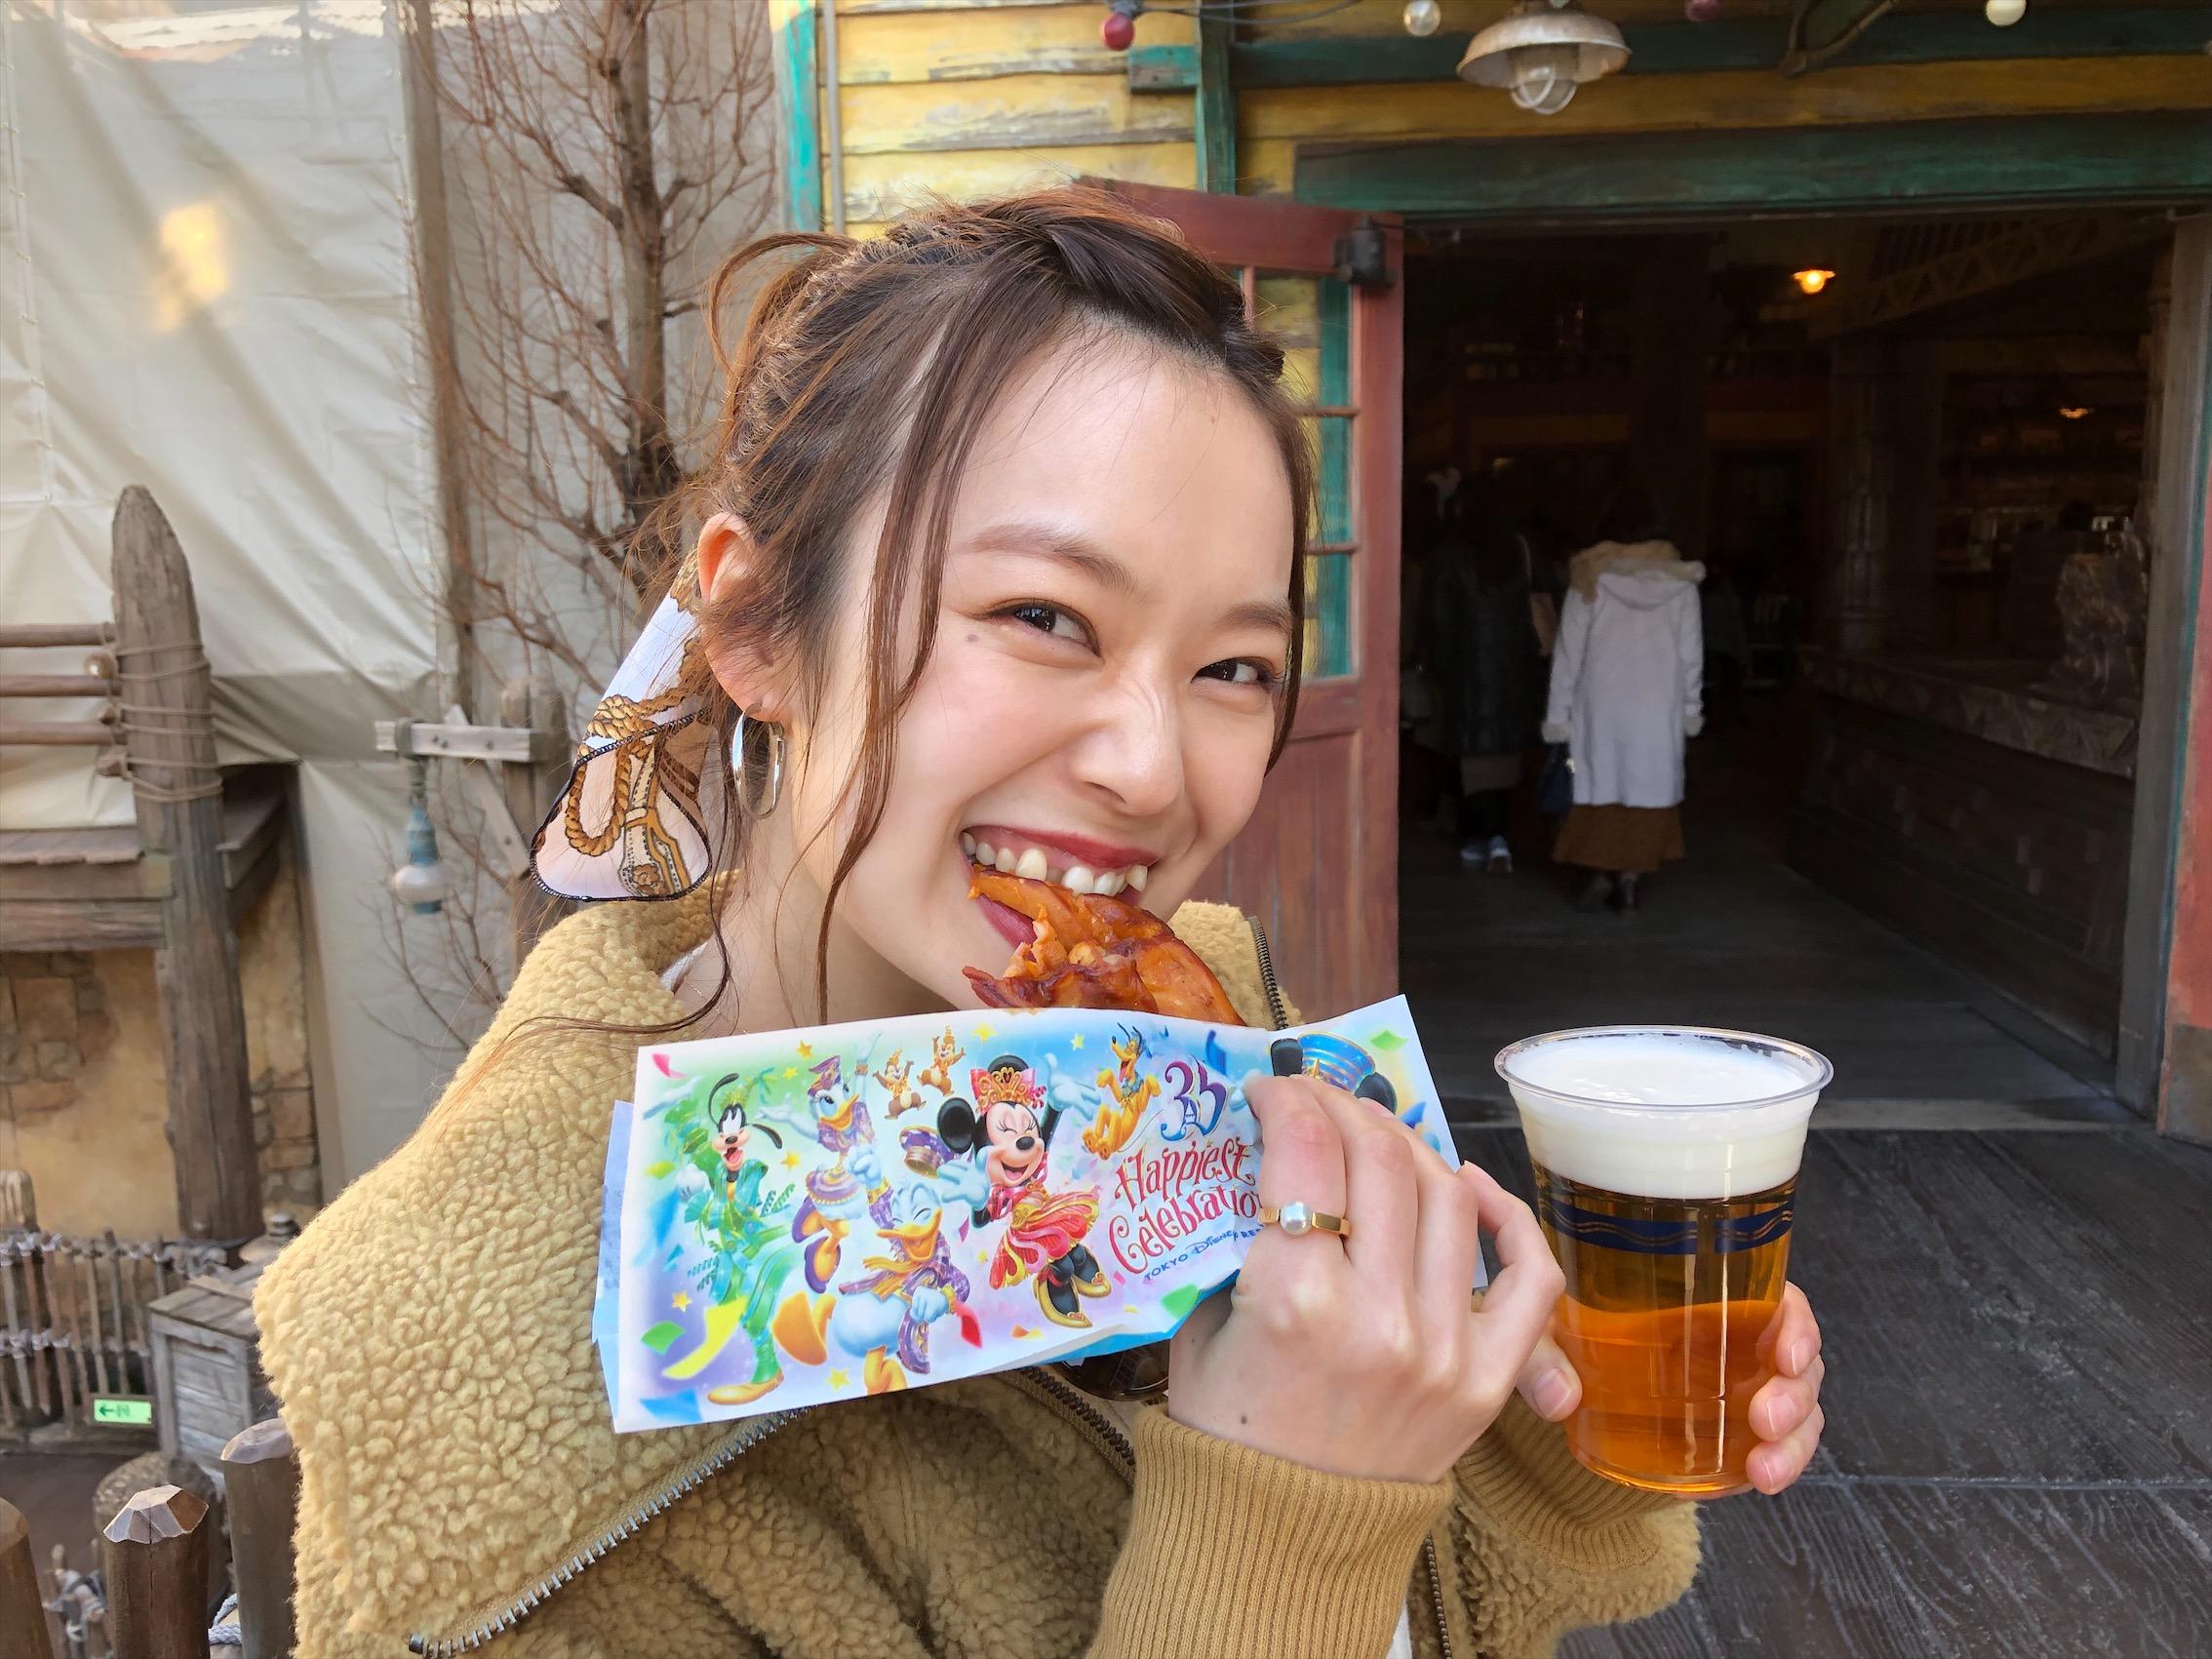 小春日和のディズニーコーデ!スカーフアレンジでカチューシャ要らず!_2